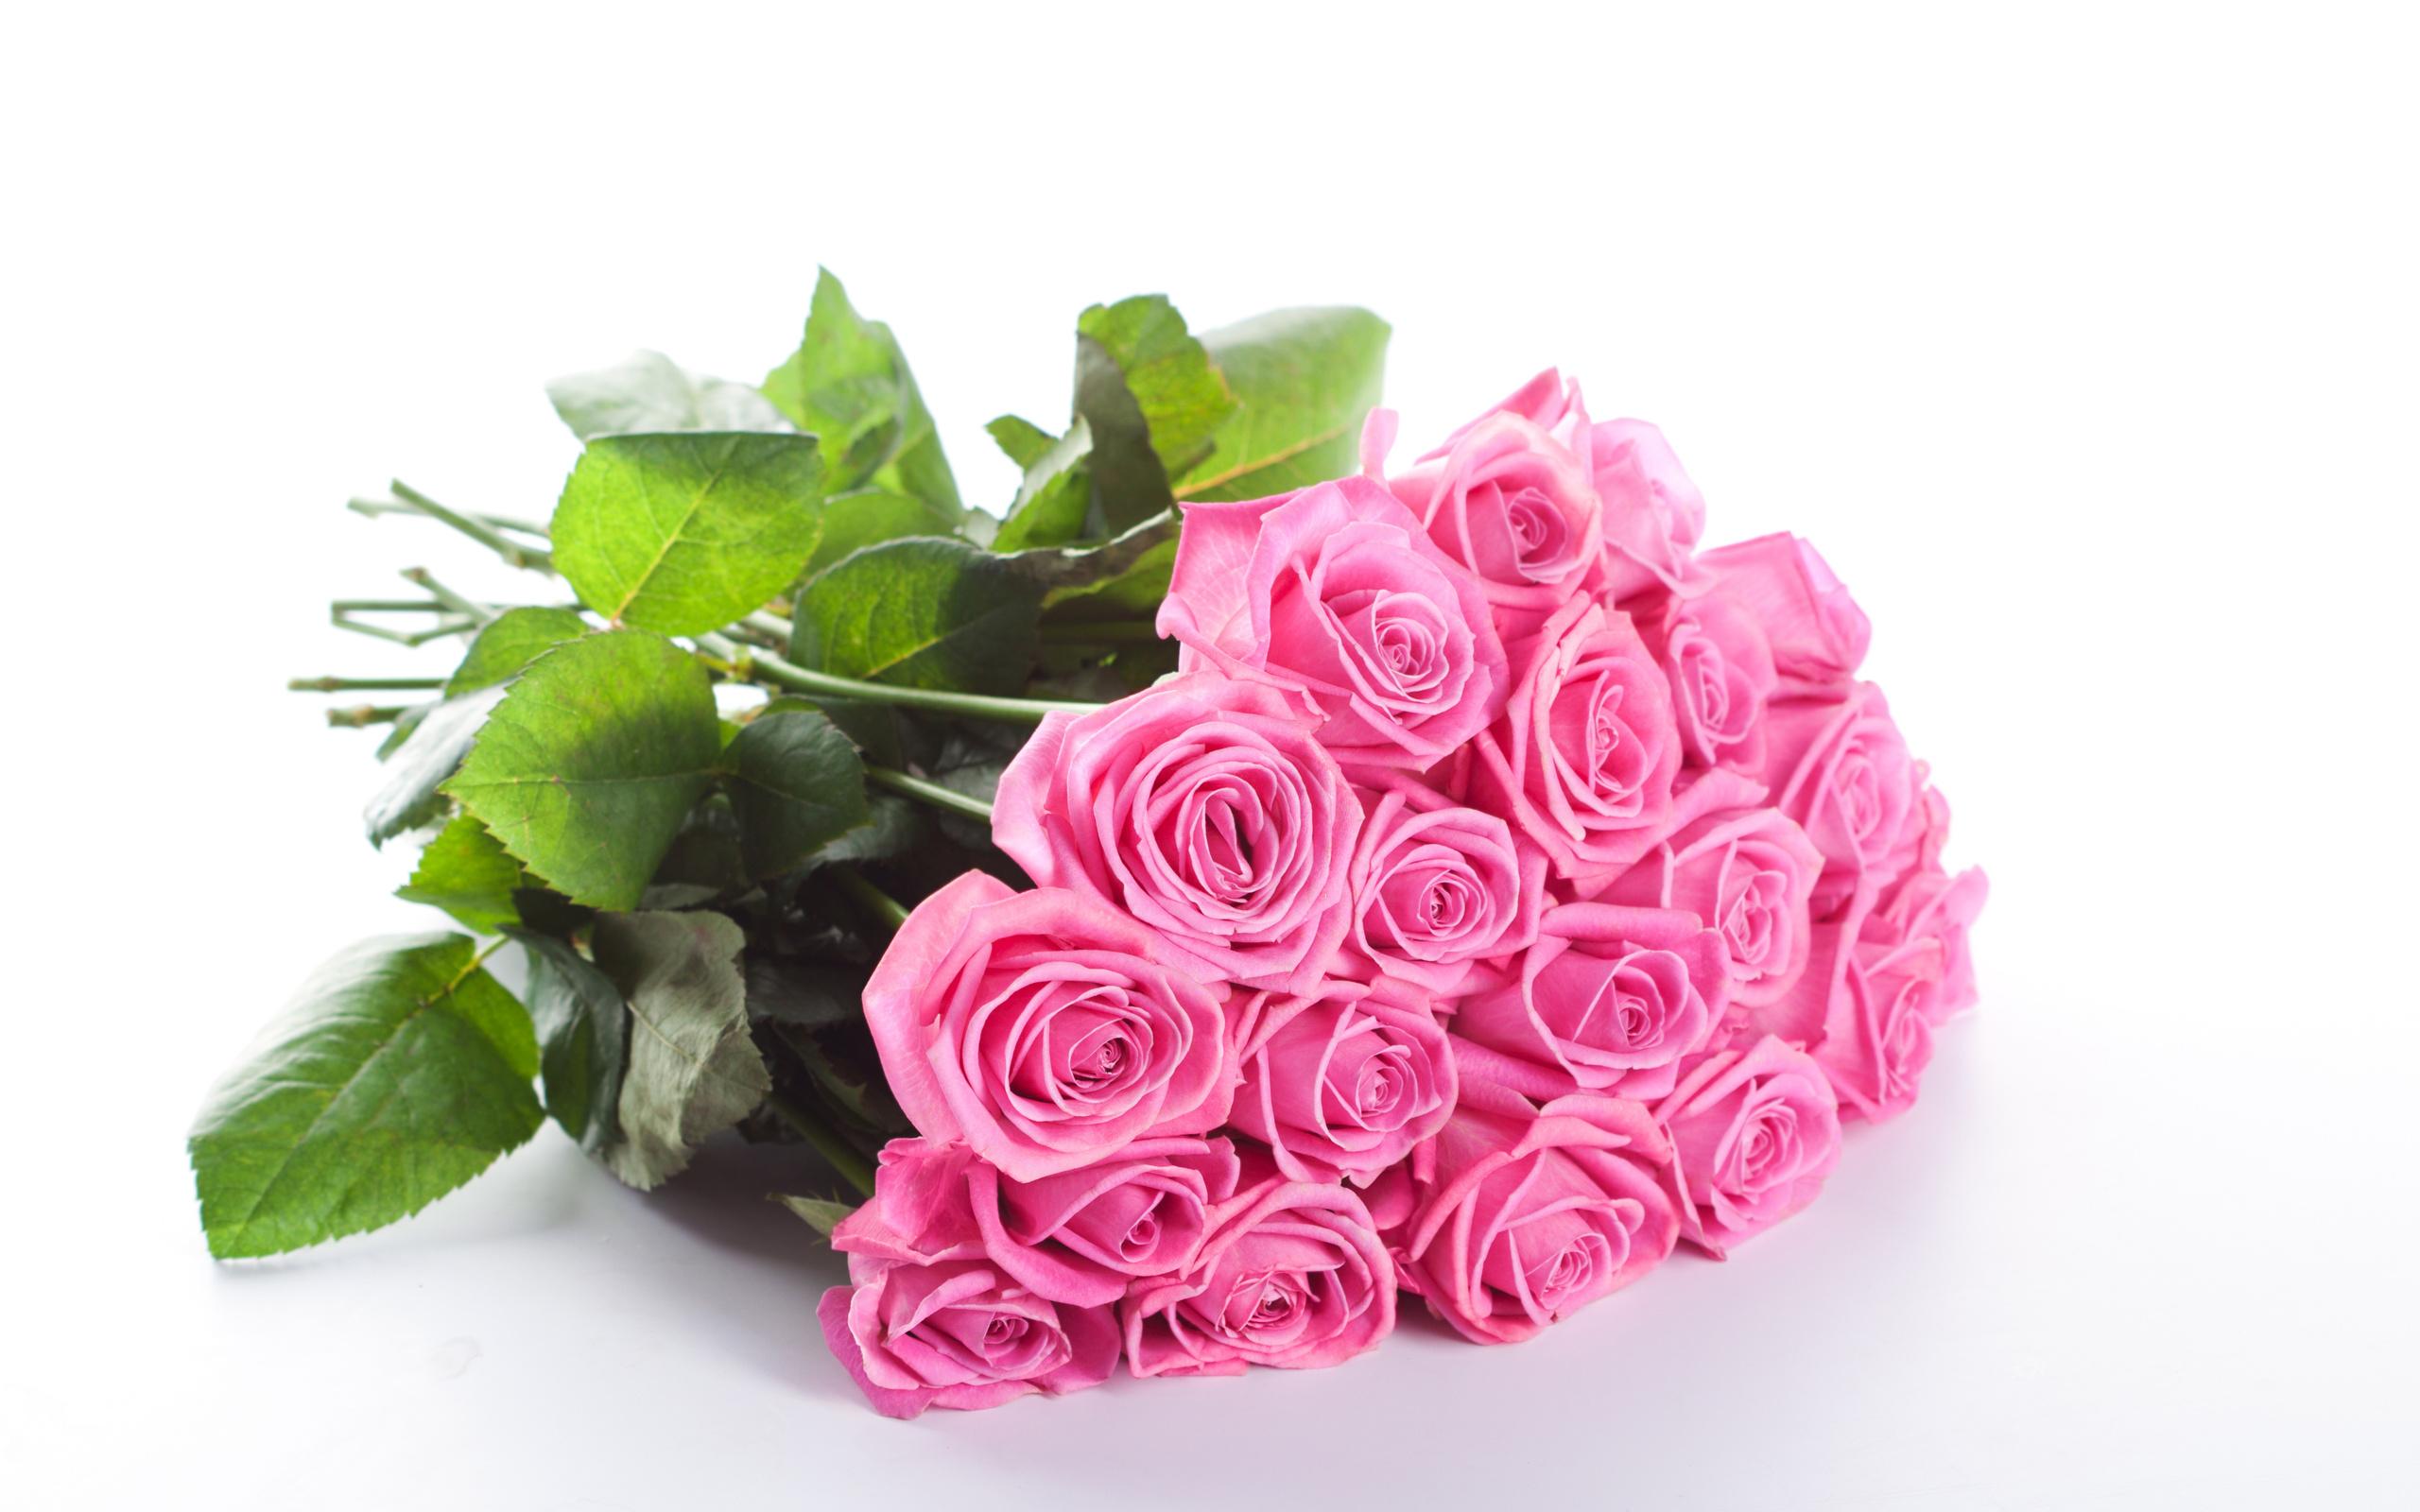 Картинки букет рз розовых с днем рождения 5